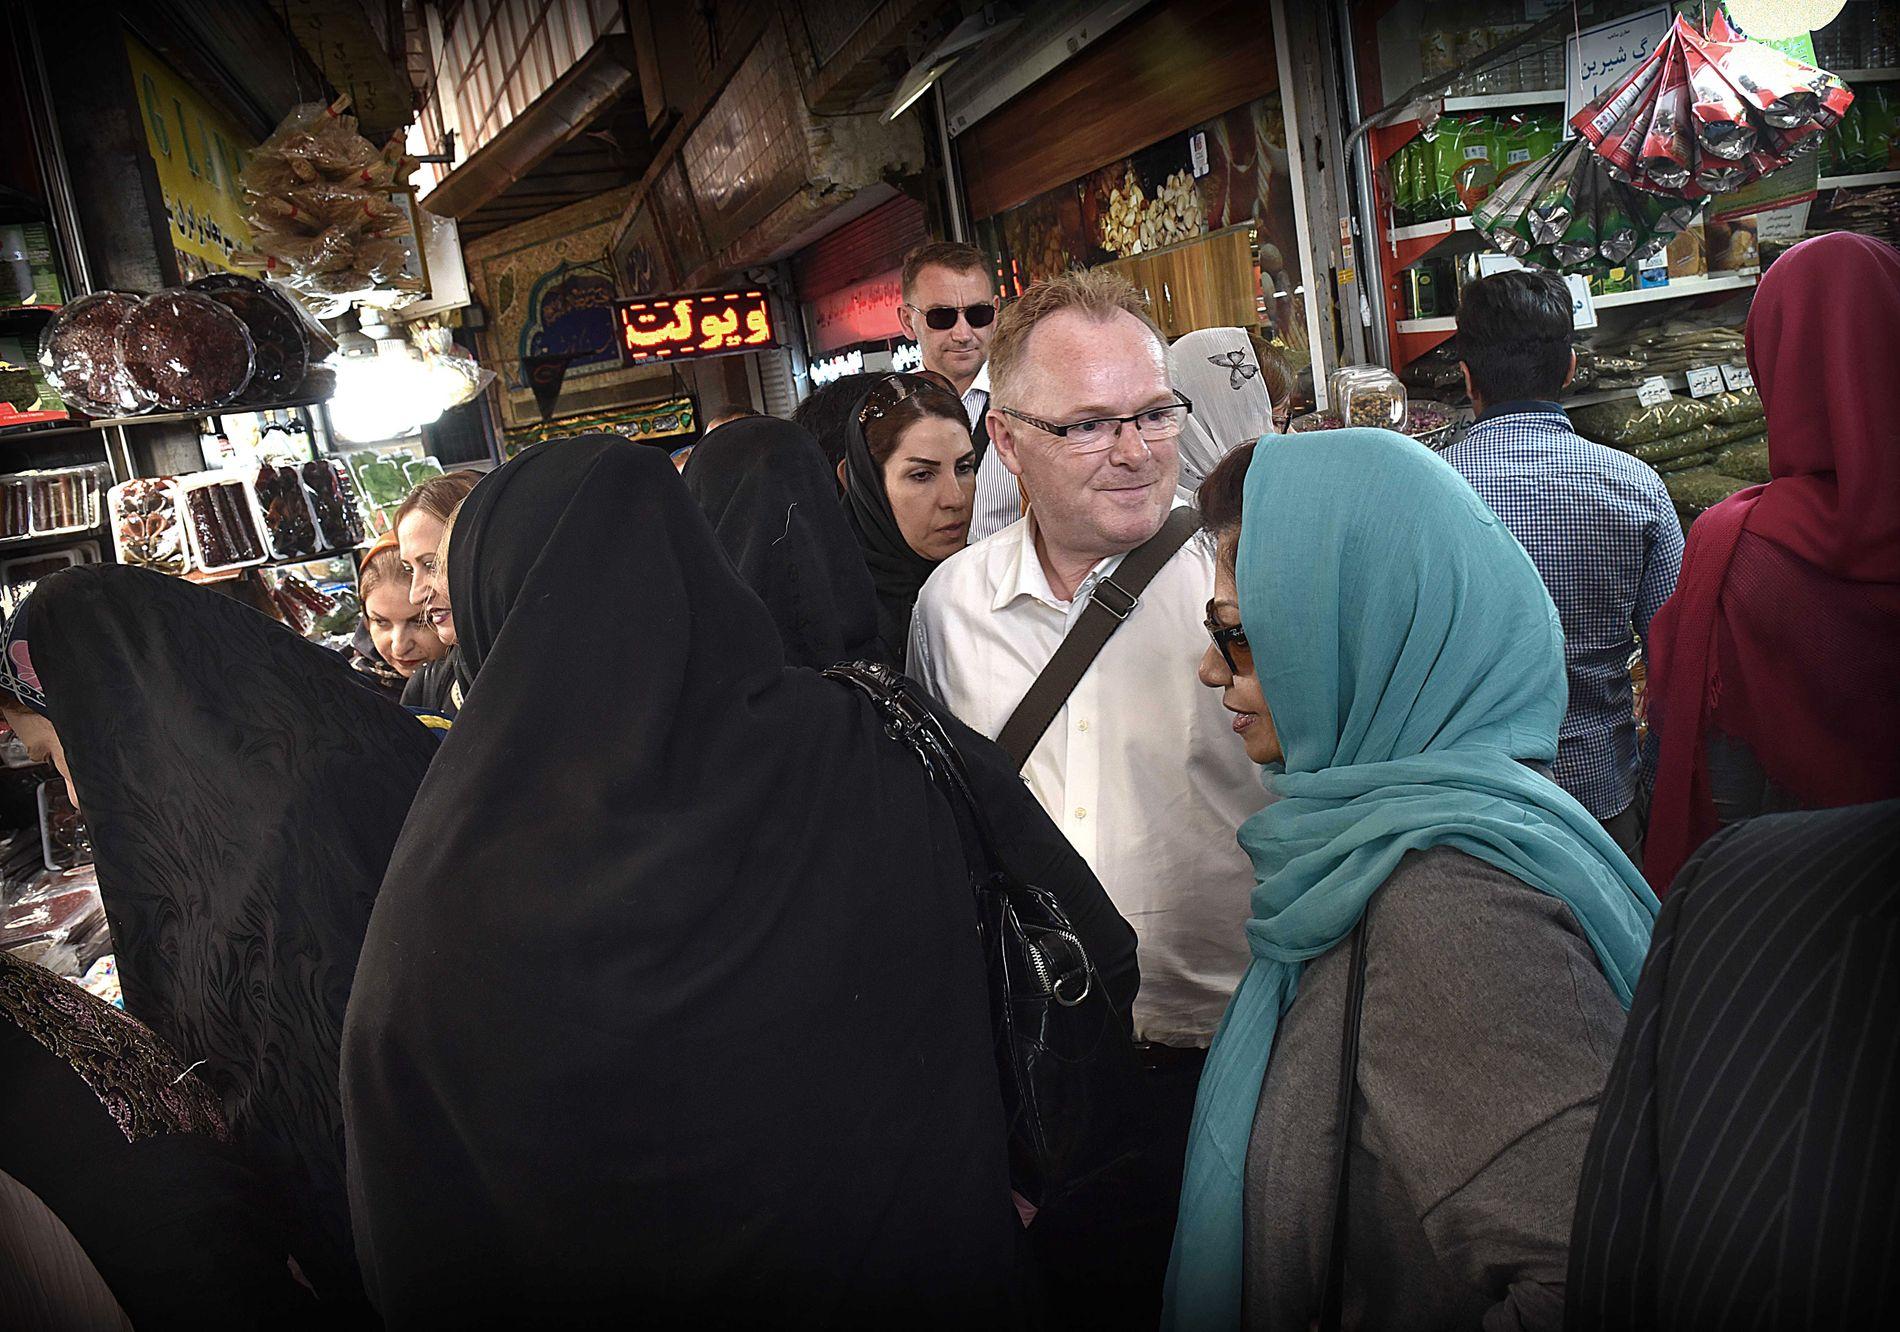 BURKA-NEI: Frp-nestleder og fiskeriminister Per Sandberg tok et par timer fri torsdag ettermiddag. Tiden ble benyttet til sightseeing og litt shopping i den nordlige delen av Irans hovedstad Teheran.